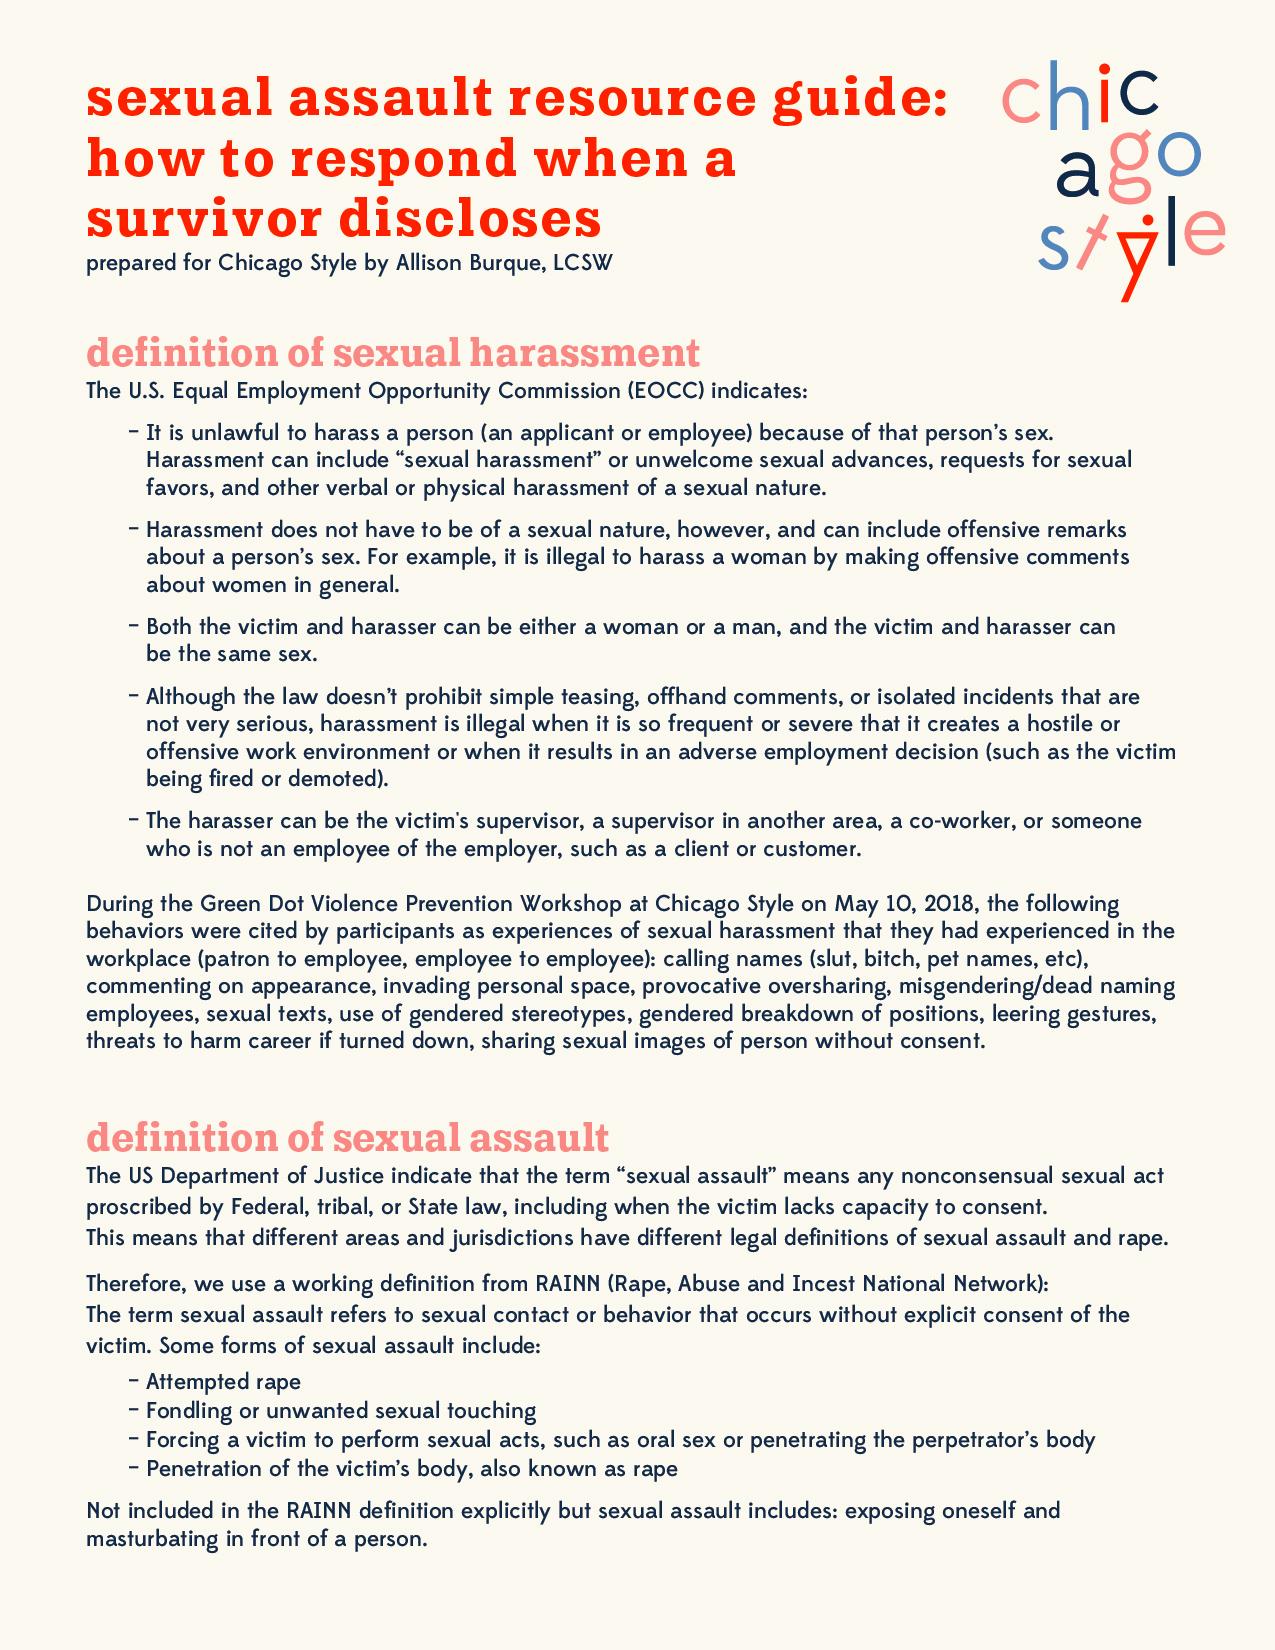 CS Sexual Assault Resource Guide-01.jpg